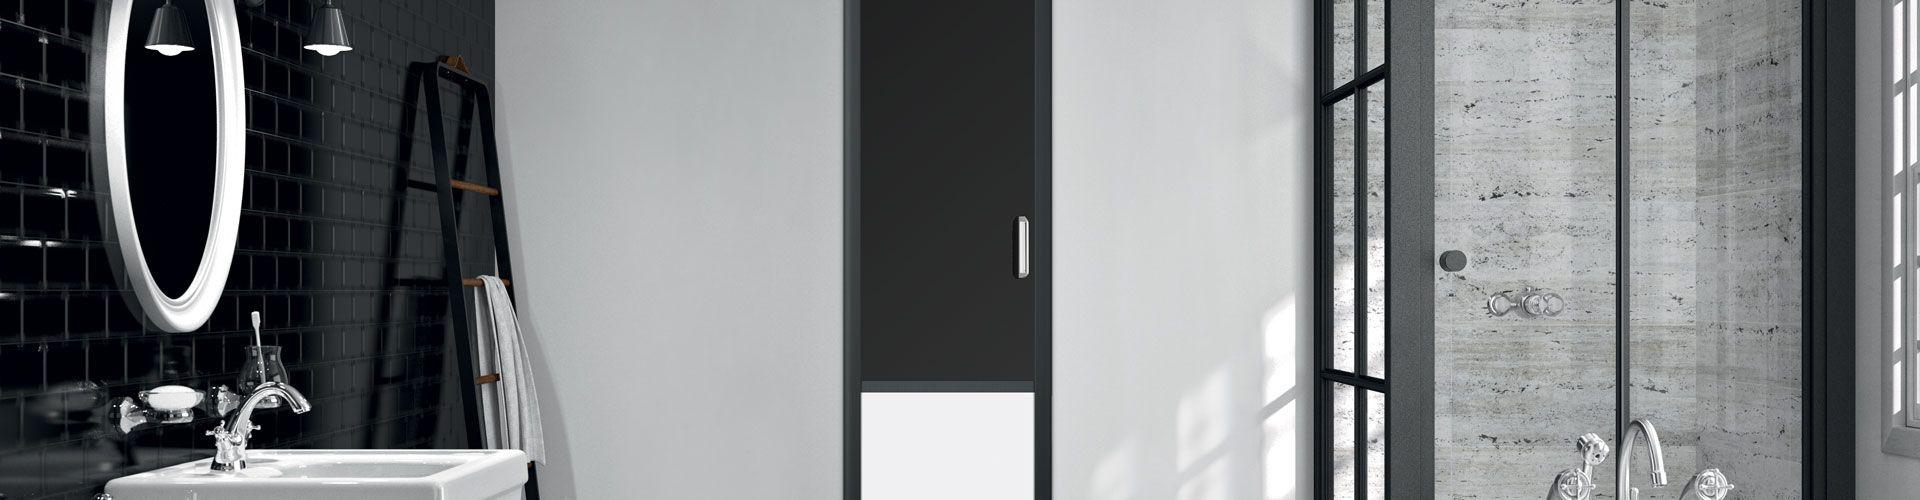 1 porte kazed. Black Bedroom Furniture Sets. Home Design Ideas